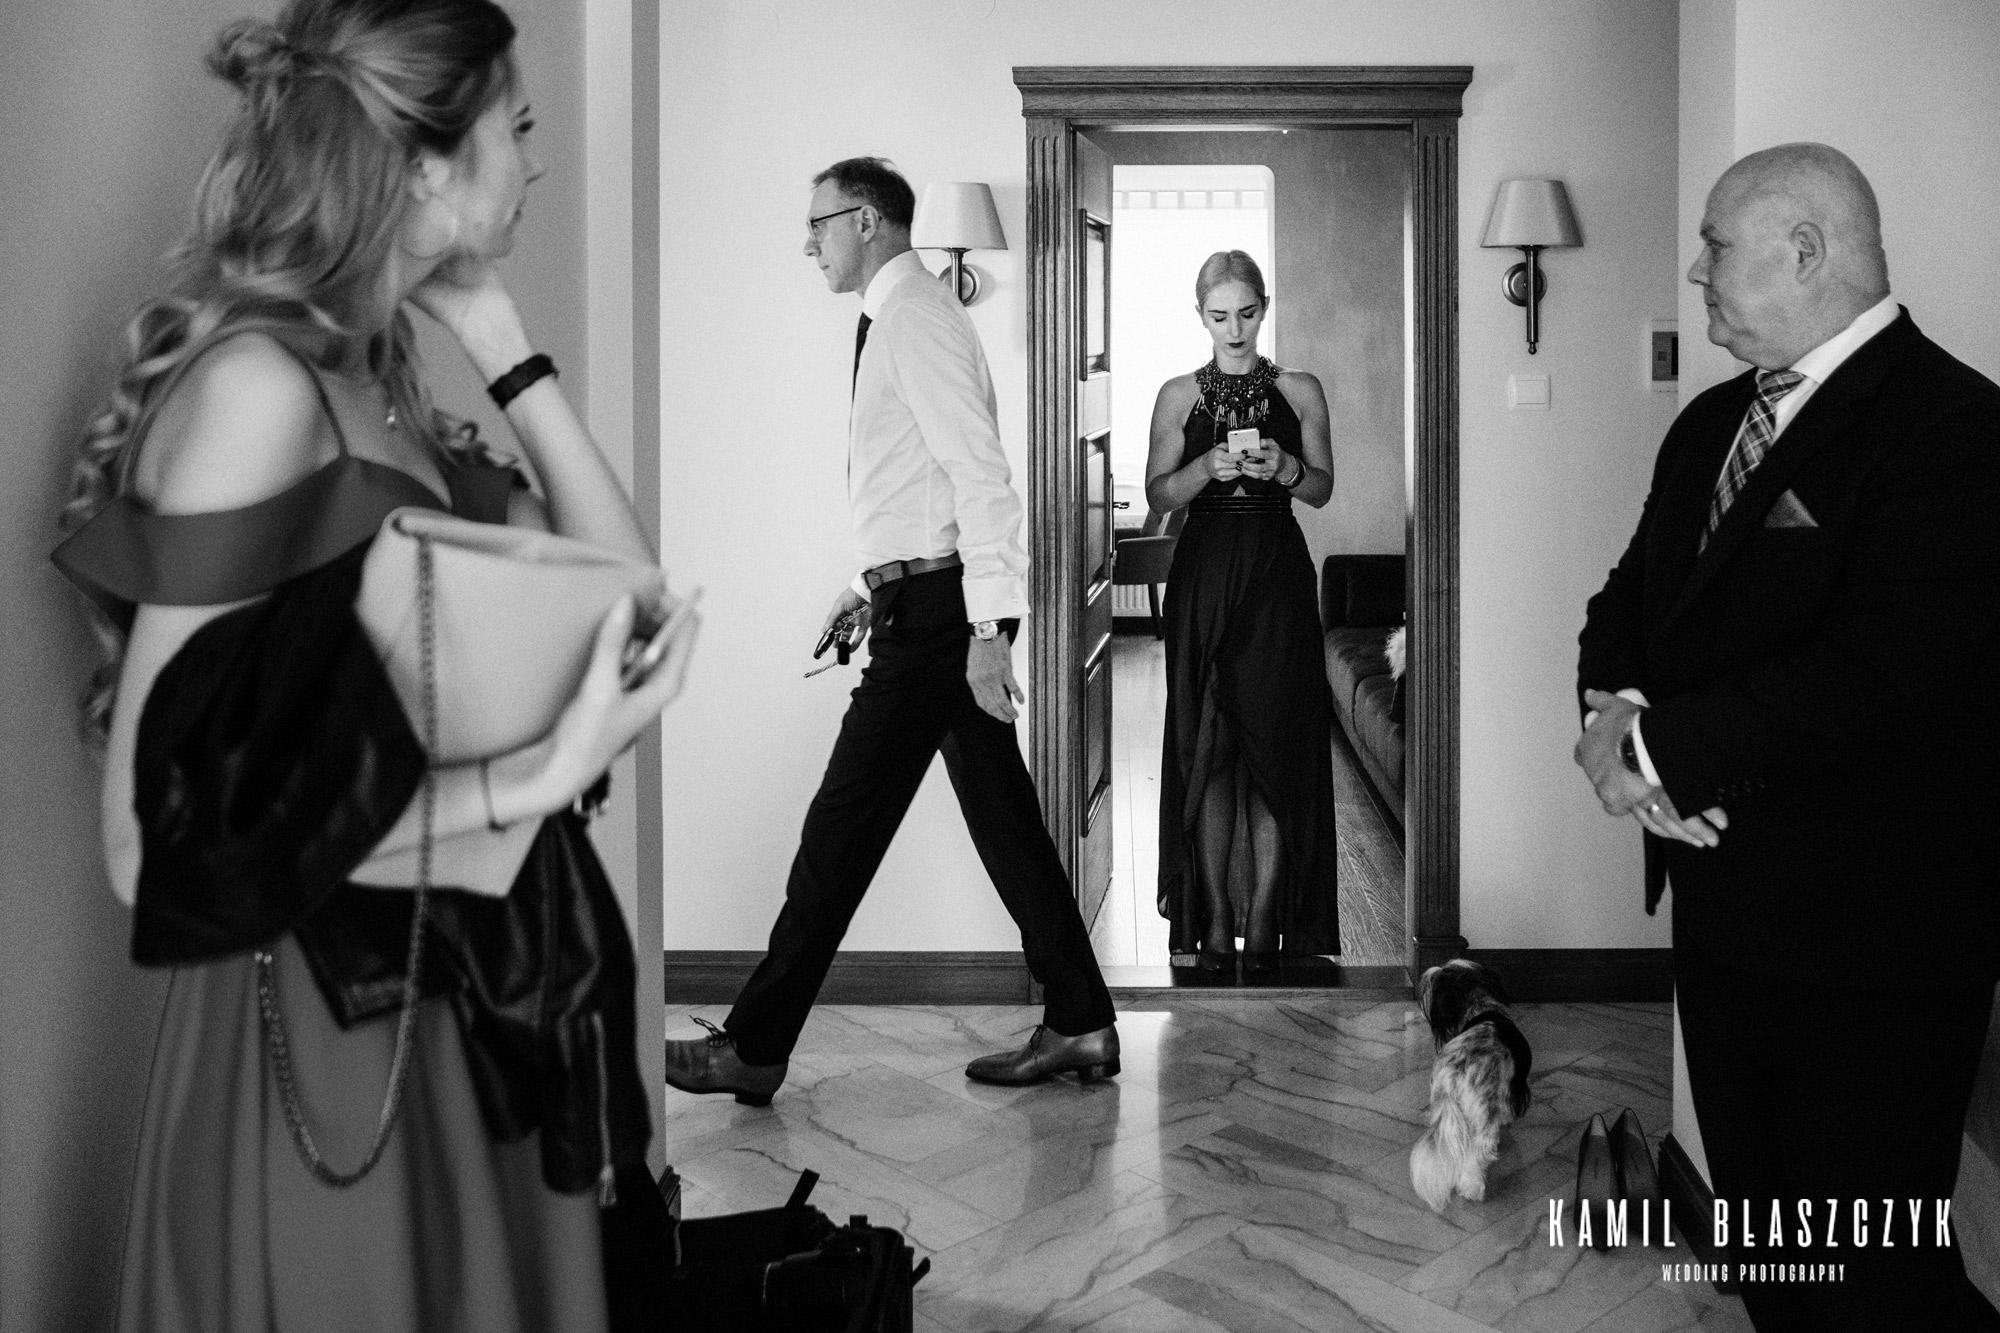 Przygotowania do ślubu Asi i Łukasza, atmosfera przed błogosławieństwem ślubnym